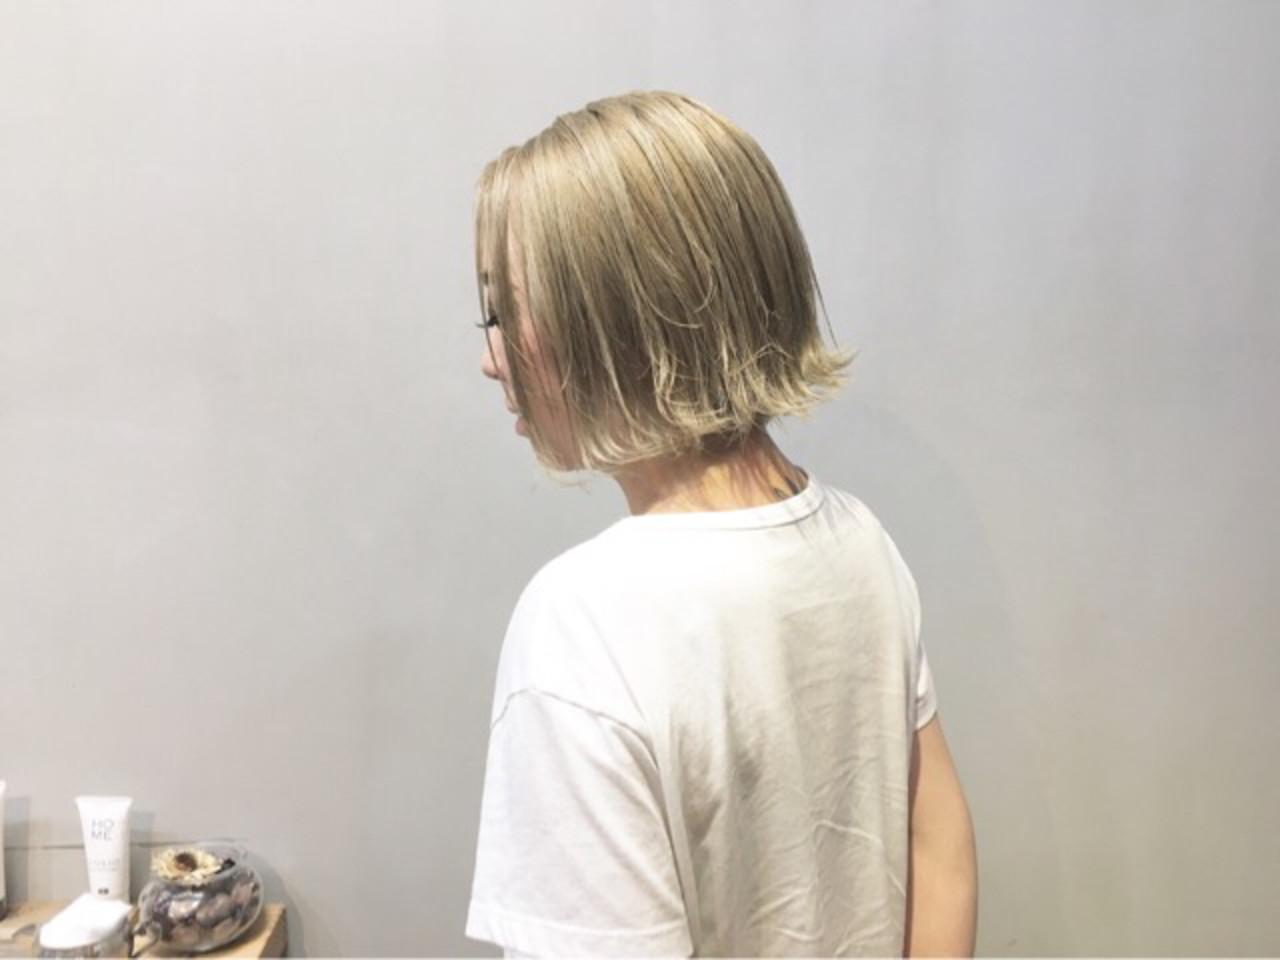 ミルクティーベージュ ミルクティーアッシュ ミルクティーグレージュ ストリート ヘアスタイルや髪型の写真・画像